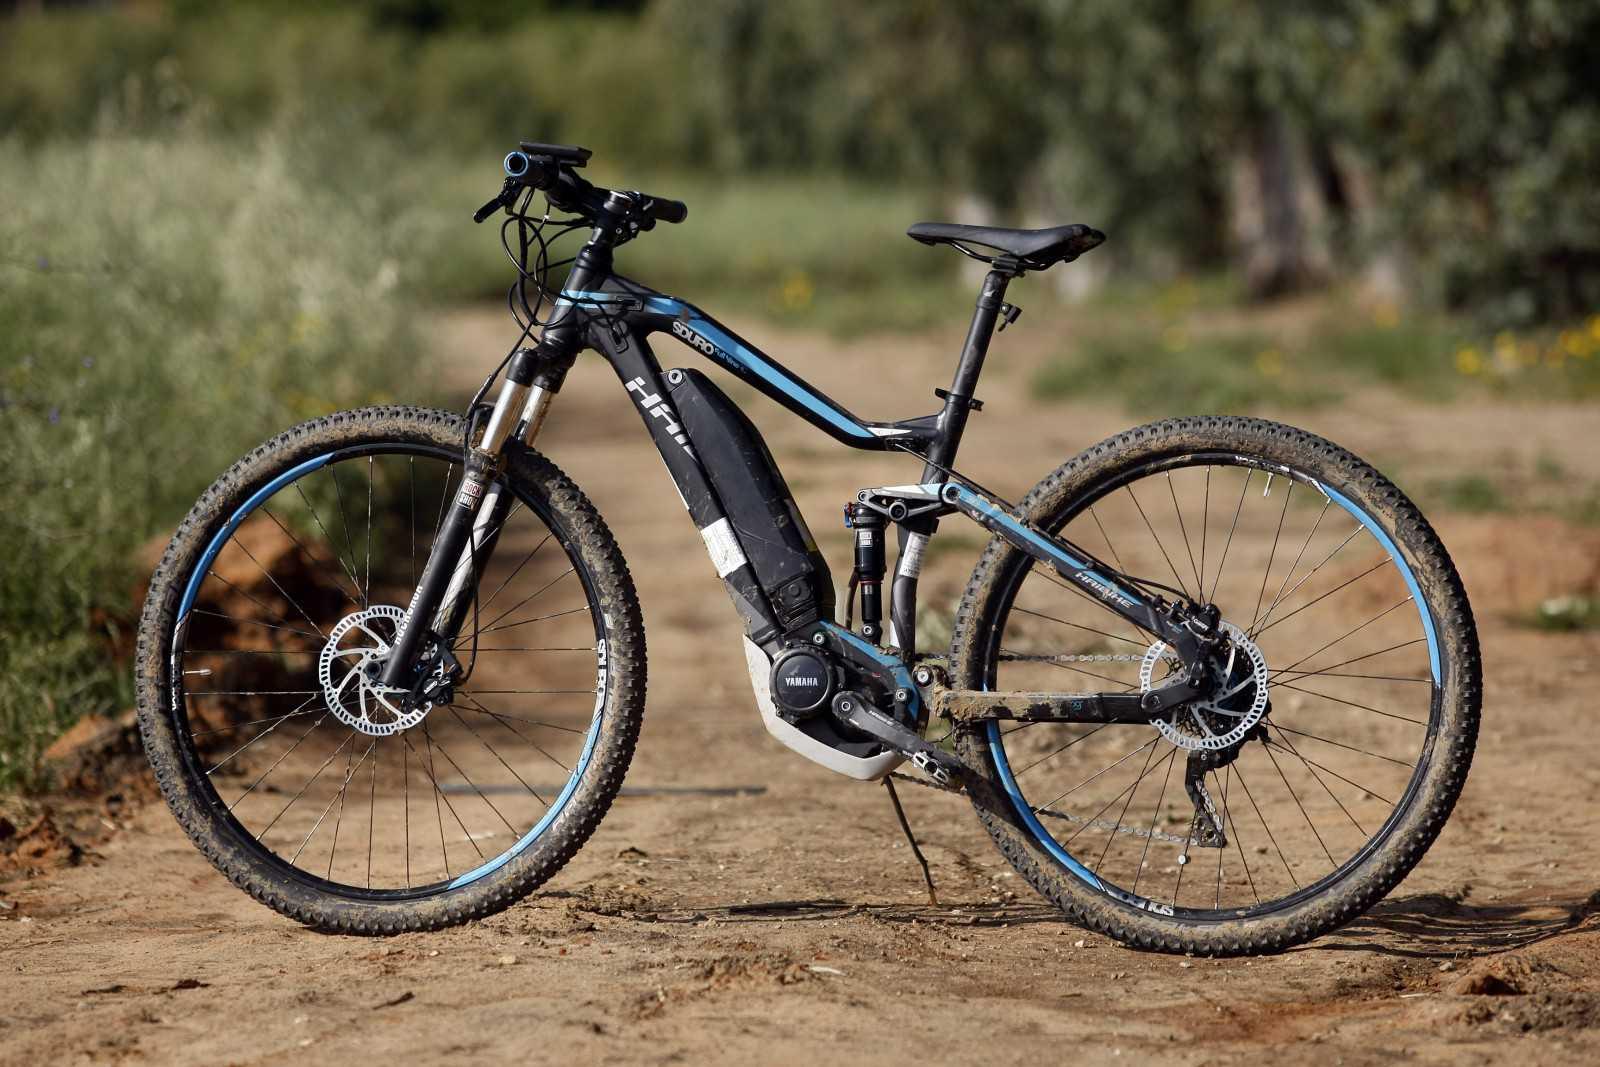 מבחן אופניים הייביק חשמליים לשטח. 19K ואתם שם. צילום: פז בר